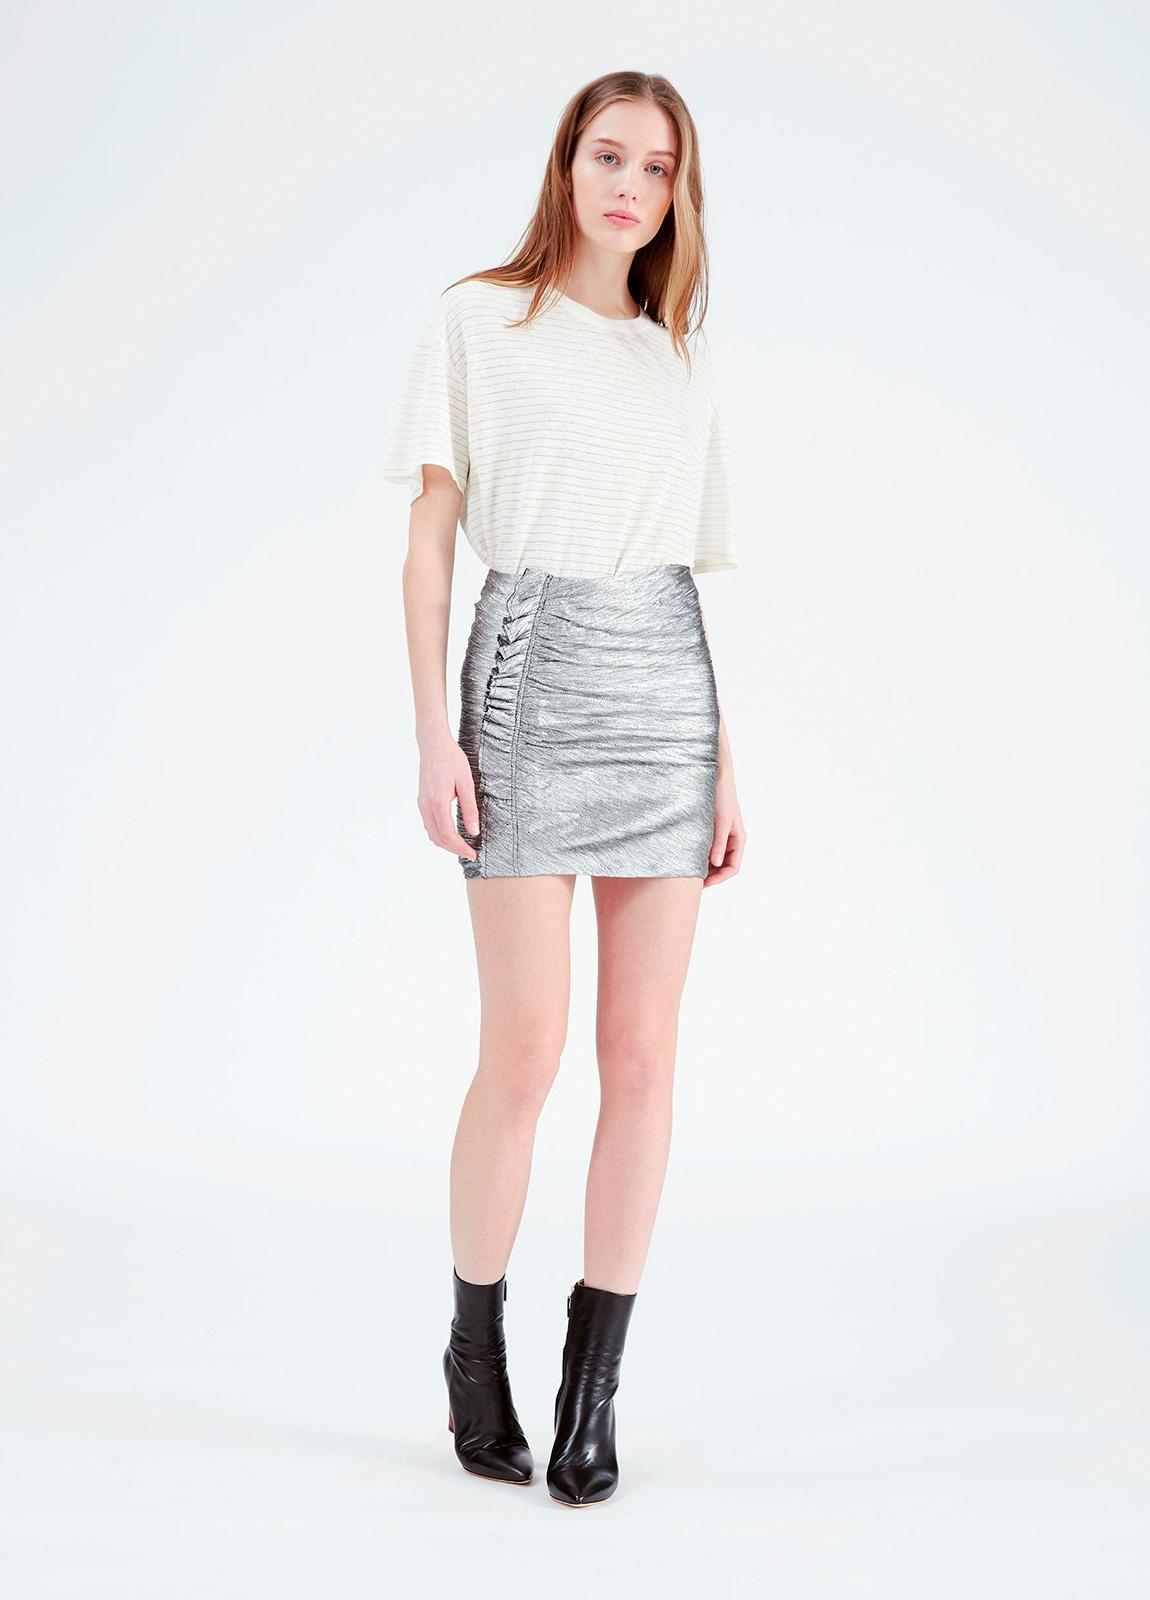 Minifalda color gris metalizado con detalle de volantes. 70% Poliéster. 30% Viscosa.